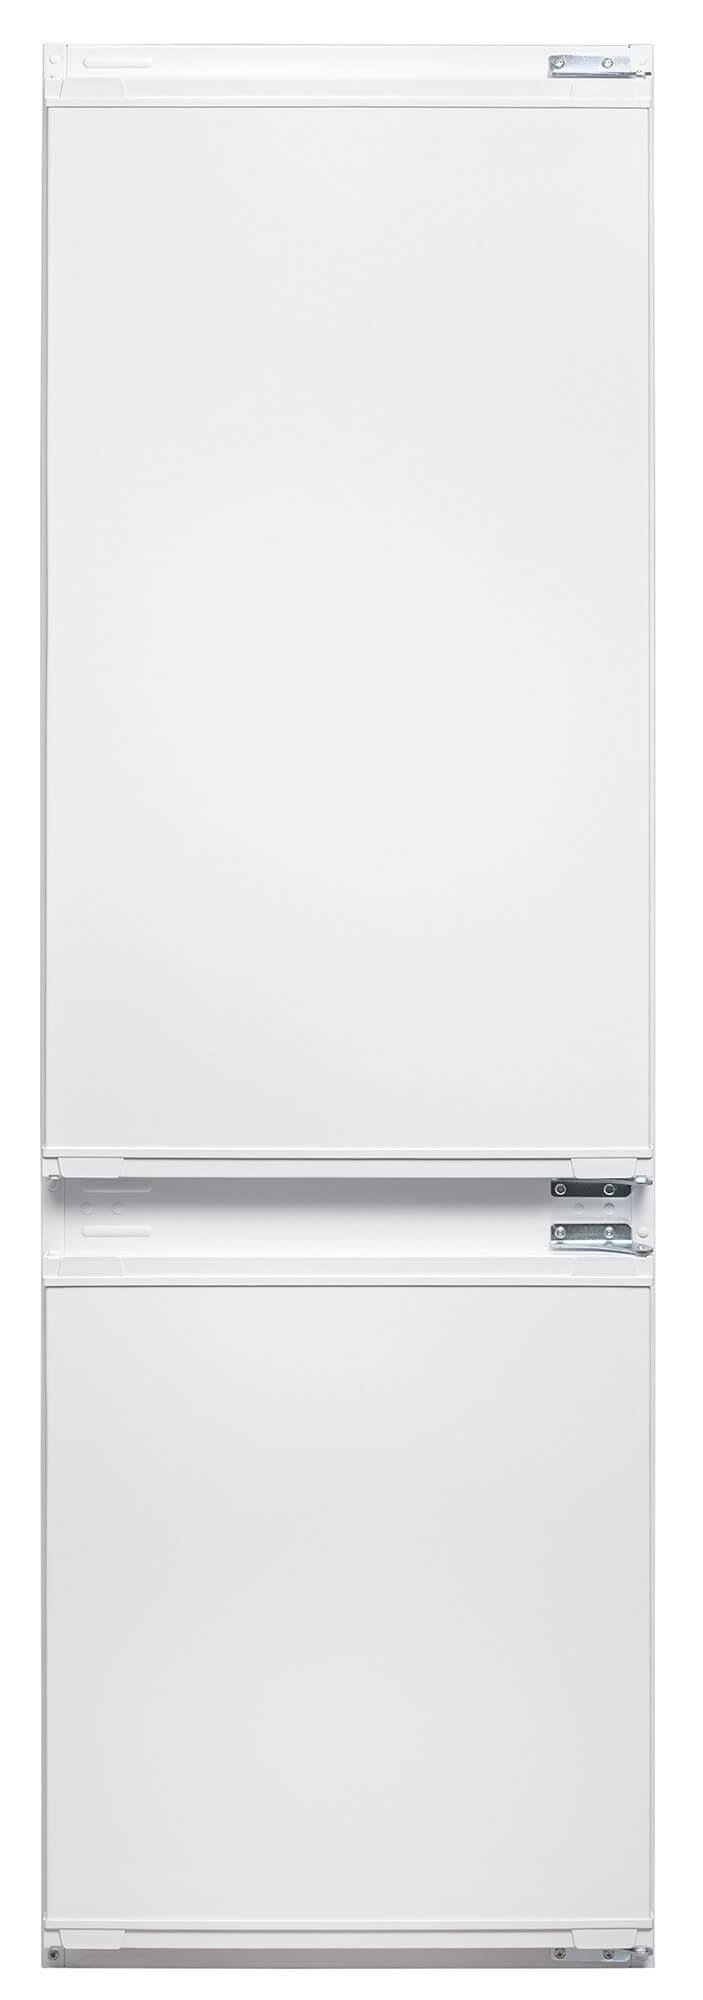 Combina frigorifica incorporabila Beko BCSA285K2S